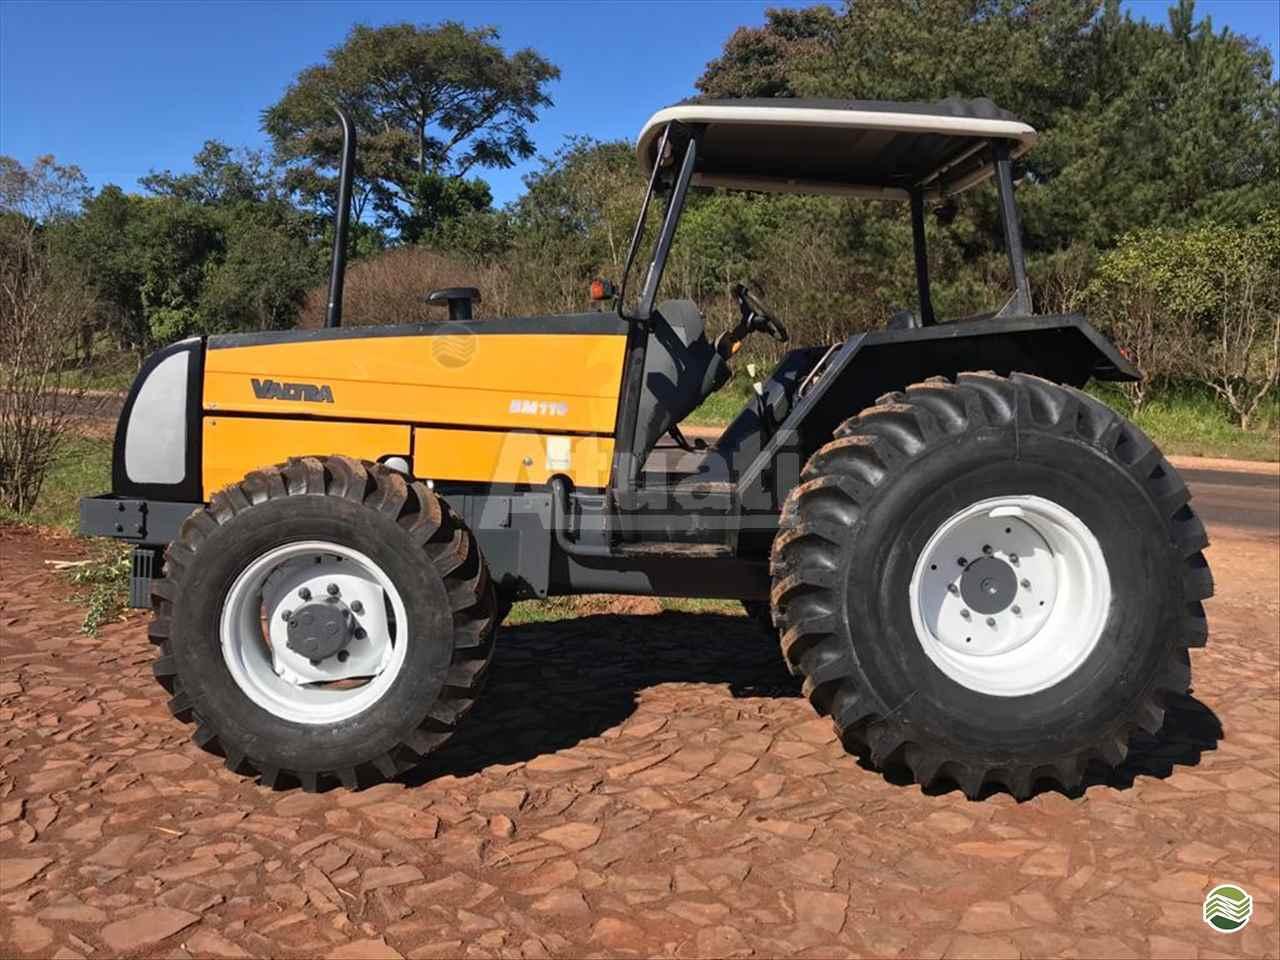 TRATOR VALTRA VALTRA BM 110 Tração 4x4 Atuati Máquinas SAO MARTINHO RIO GRANDE DO SUL RS